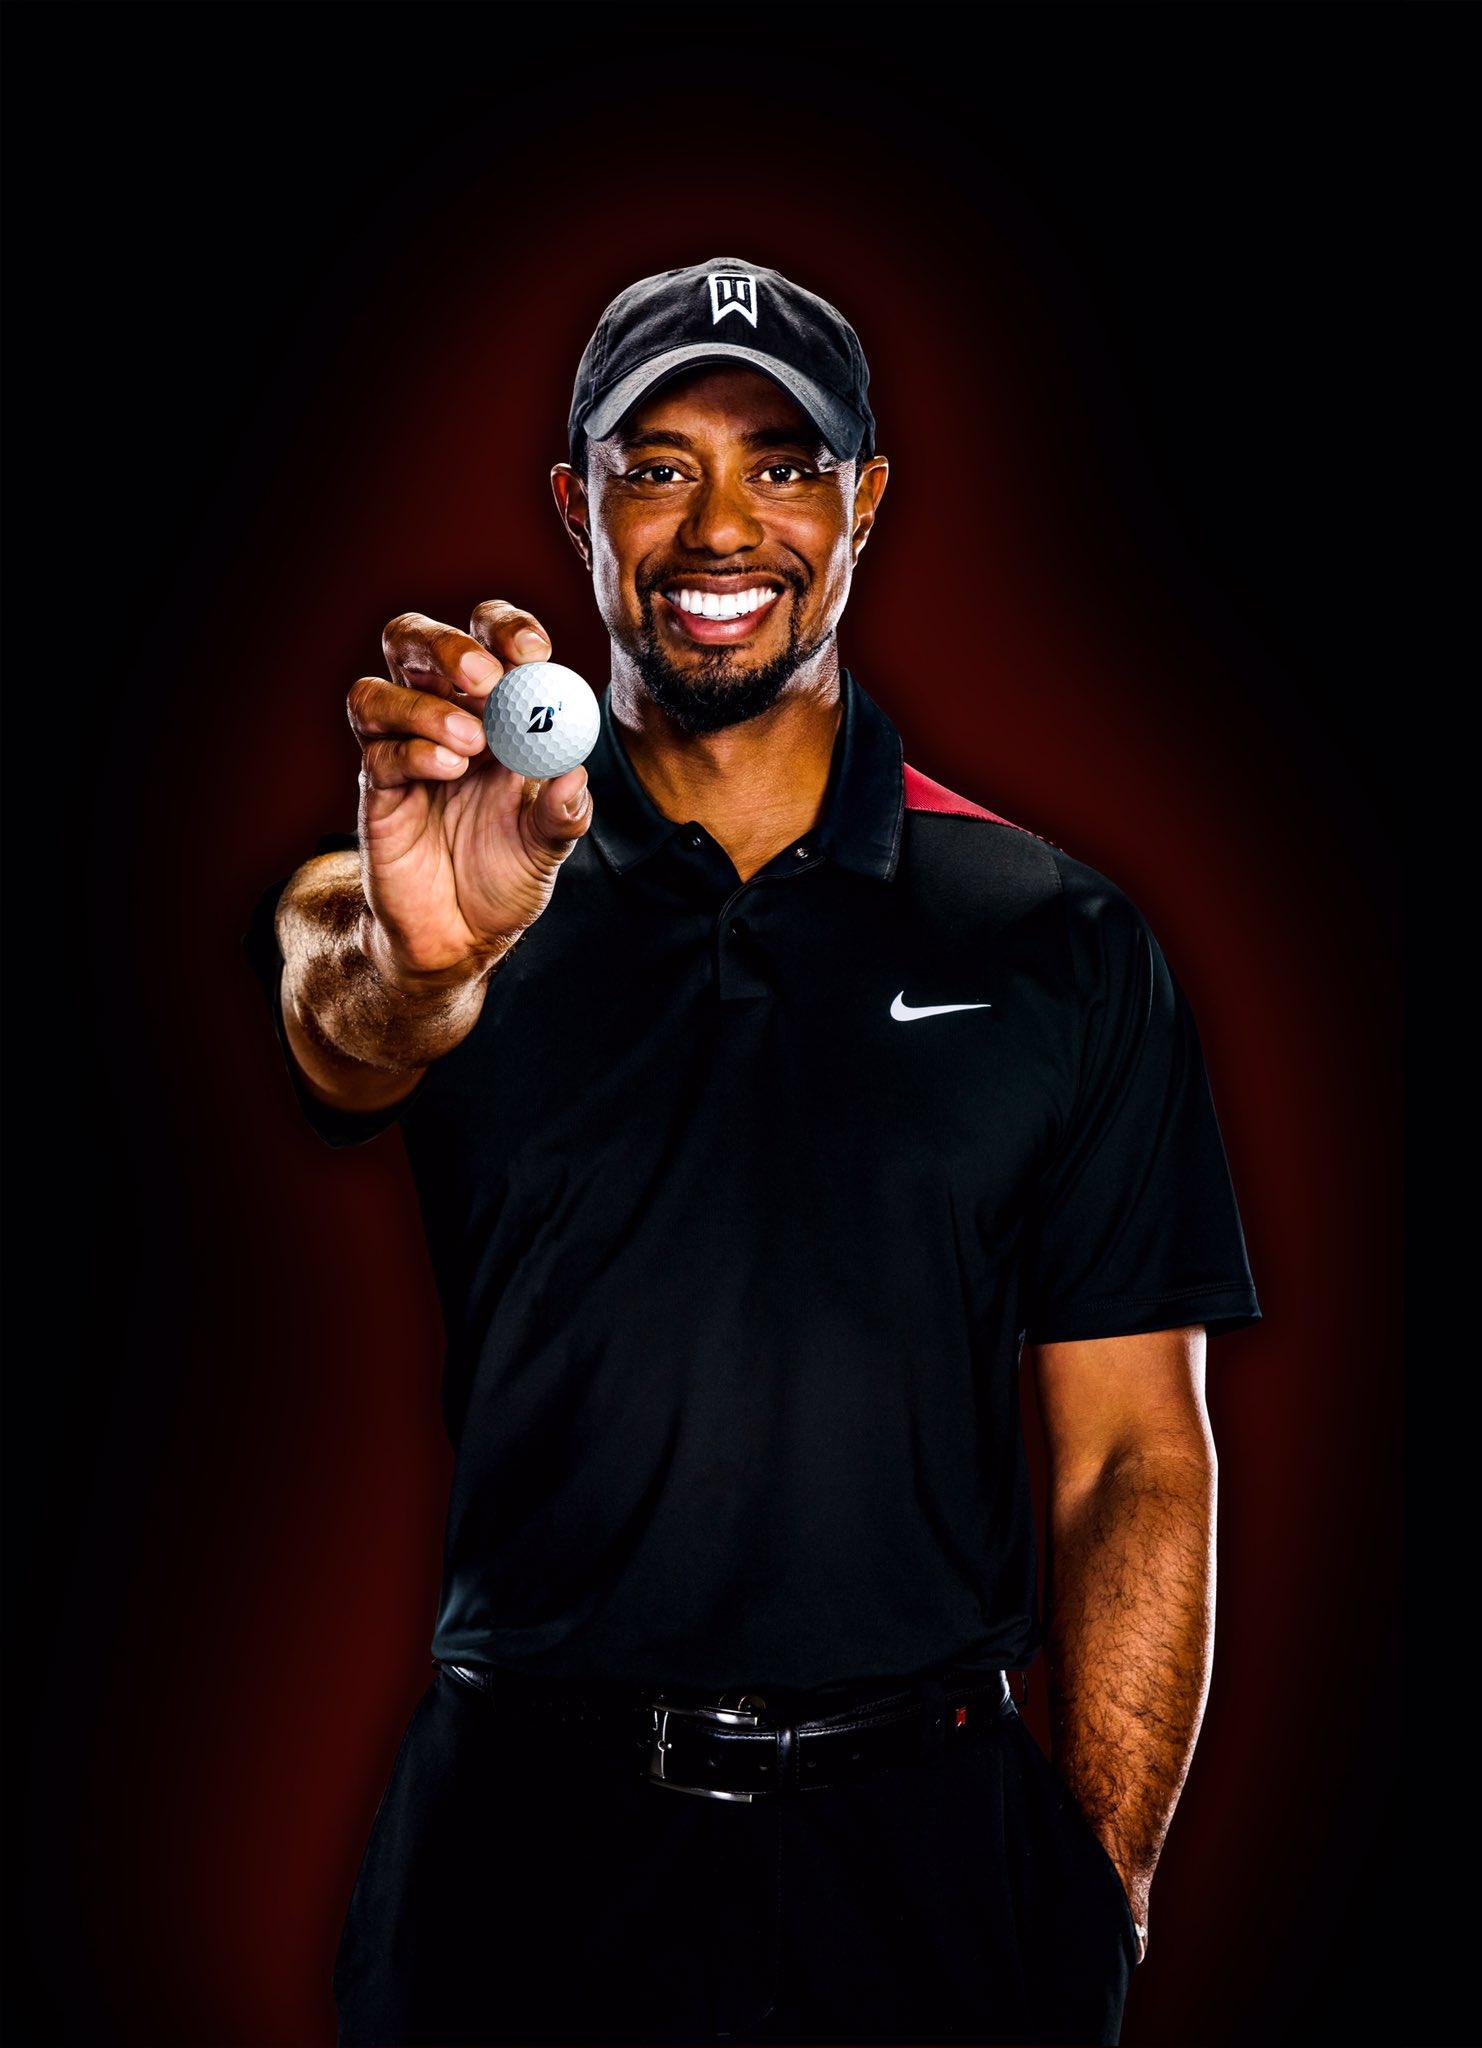 世界のゴルフ界の面白情報を拾い読み#1 「ゴルフ界はシーズンオフもホット!」